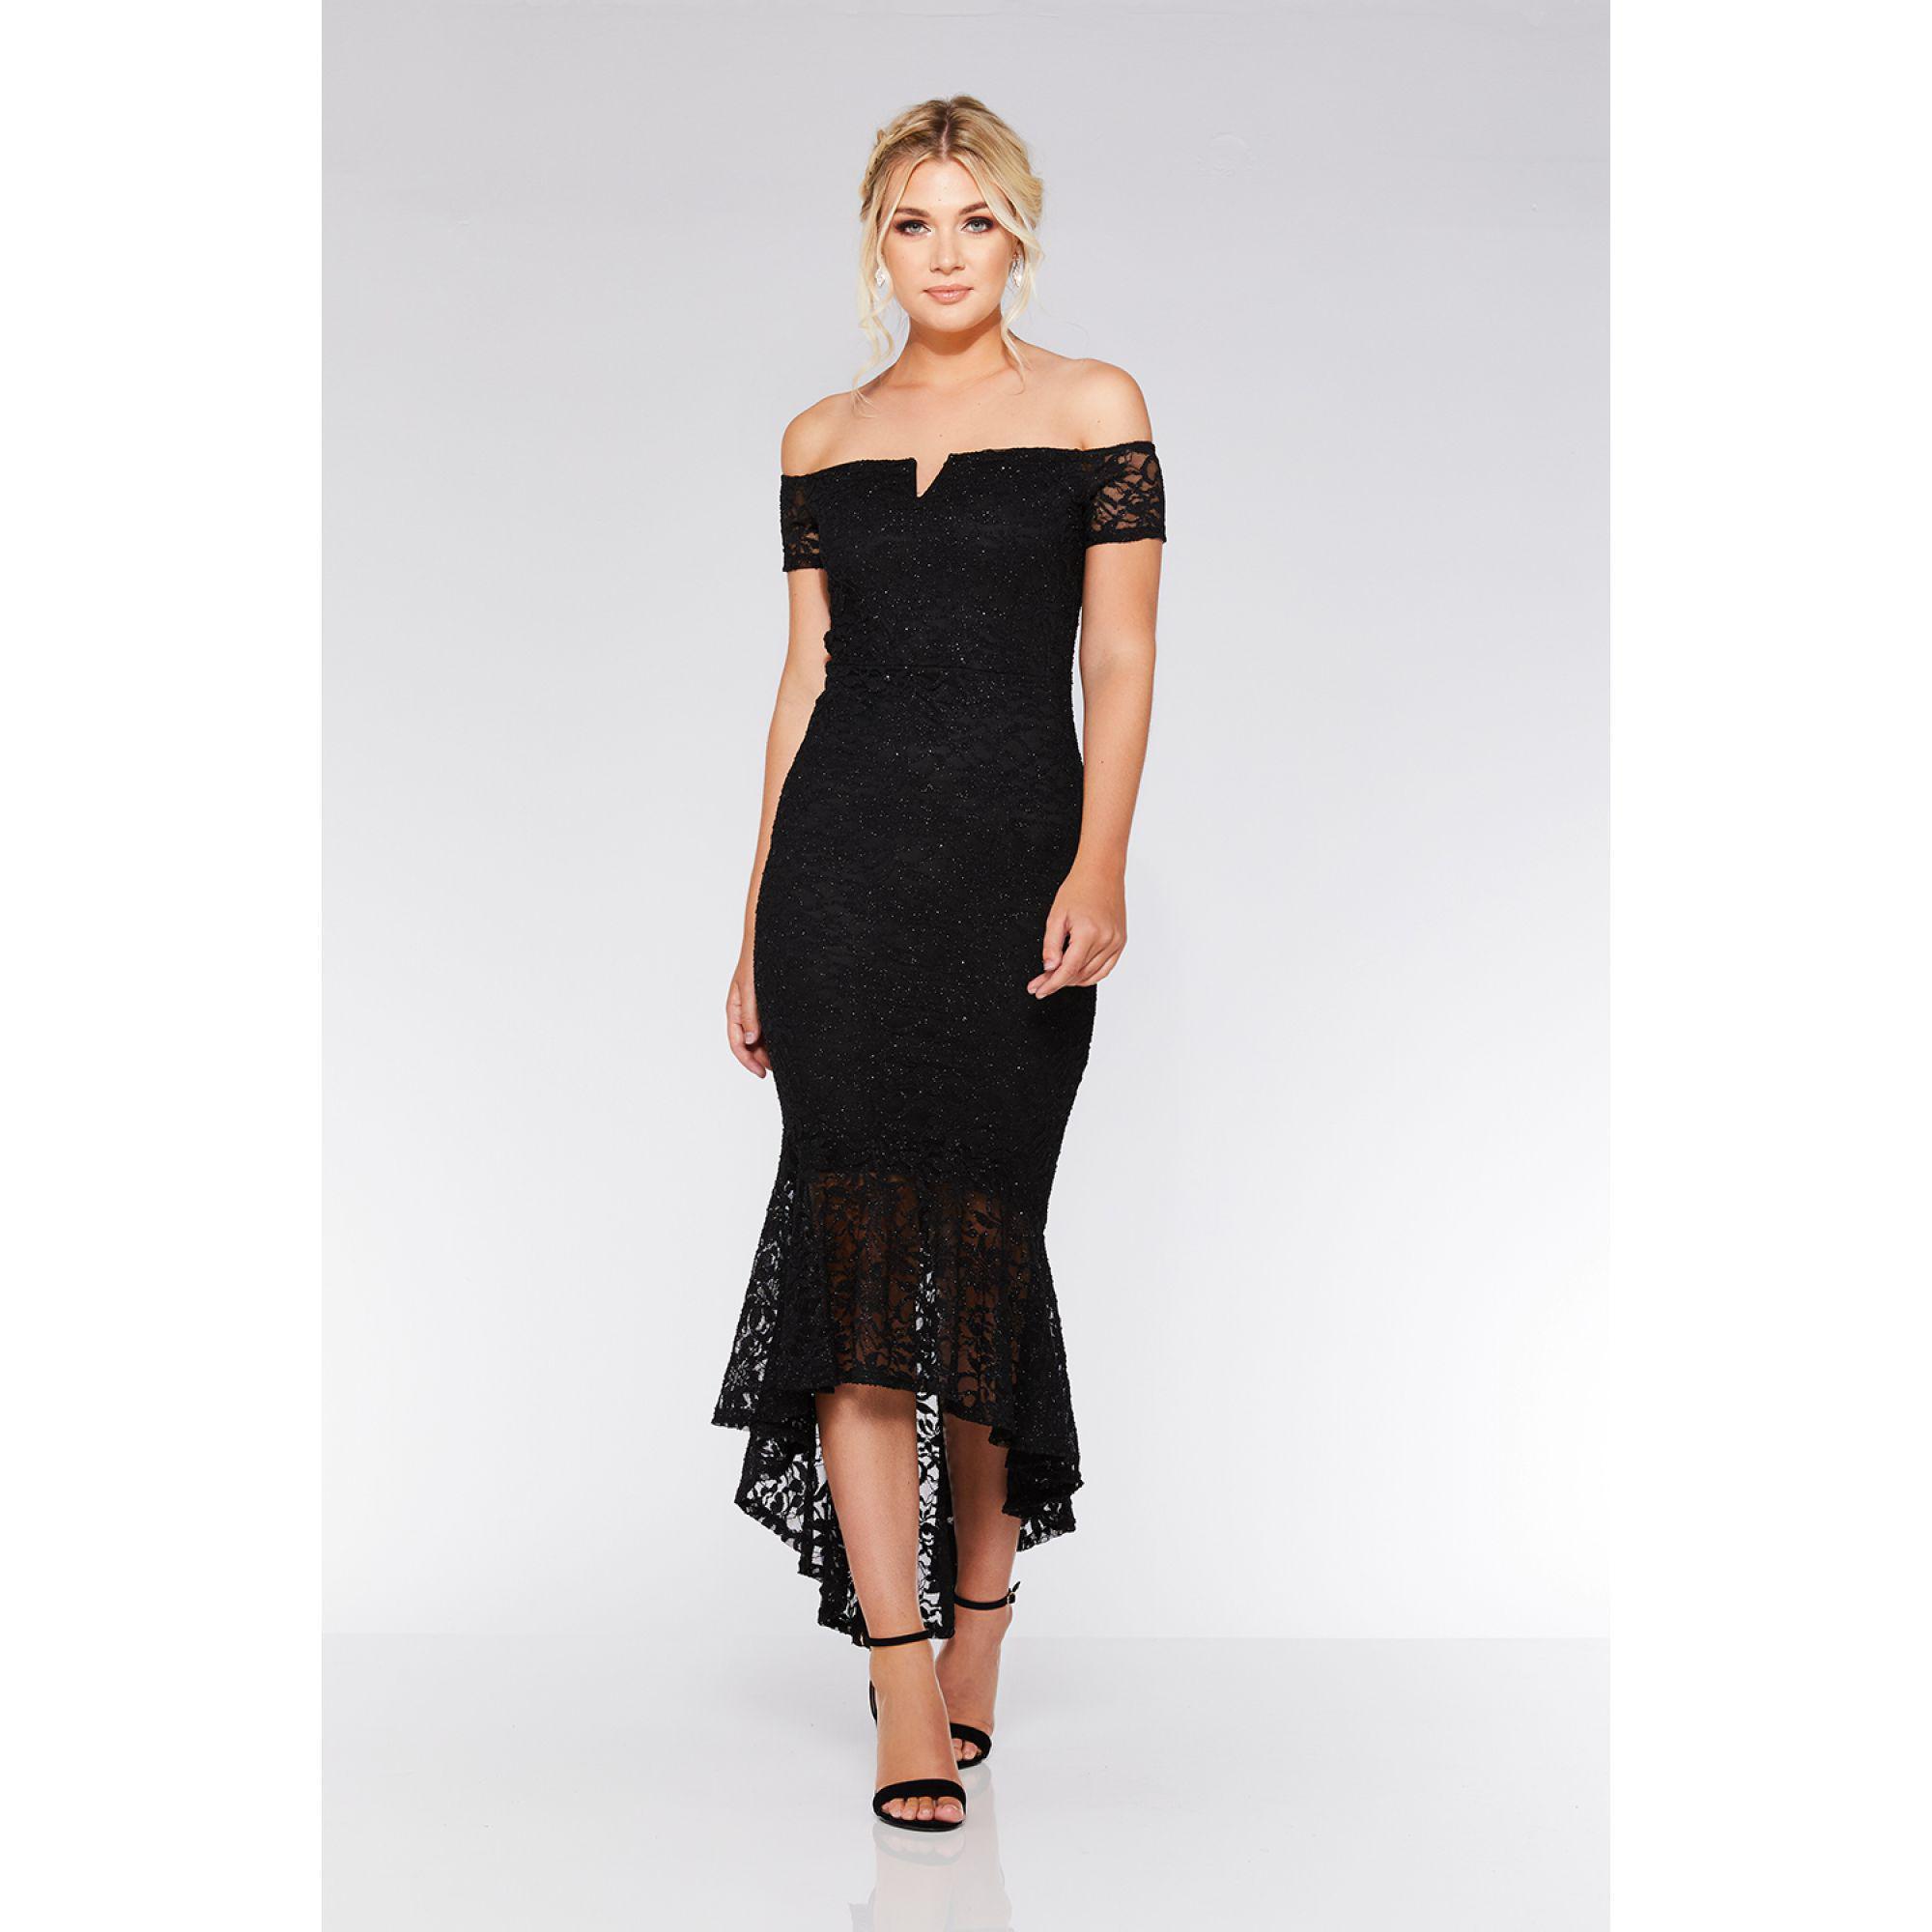 6a500d0f8b7 Quiz Black Lace Dip Hem Maxi Dress in Black - Lyst